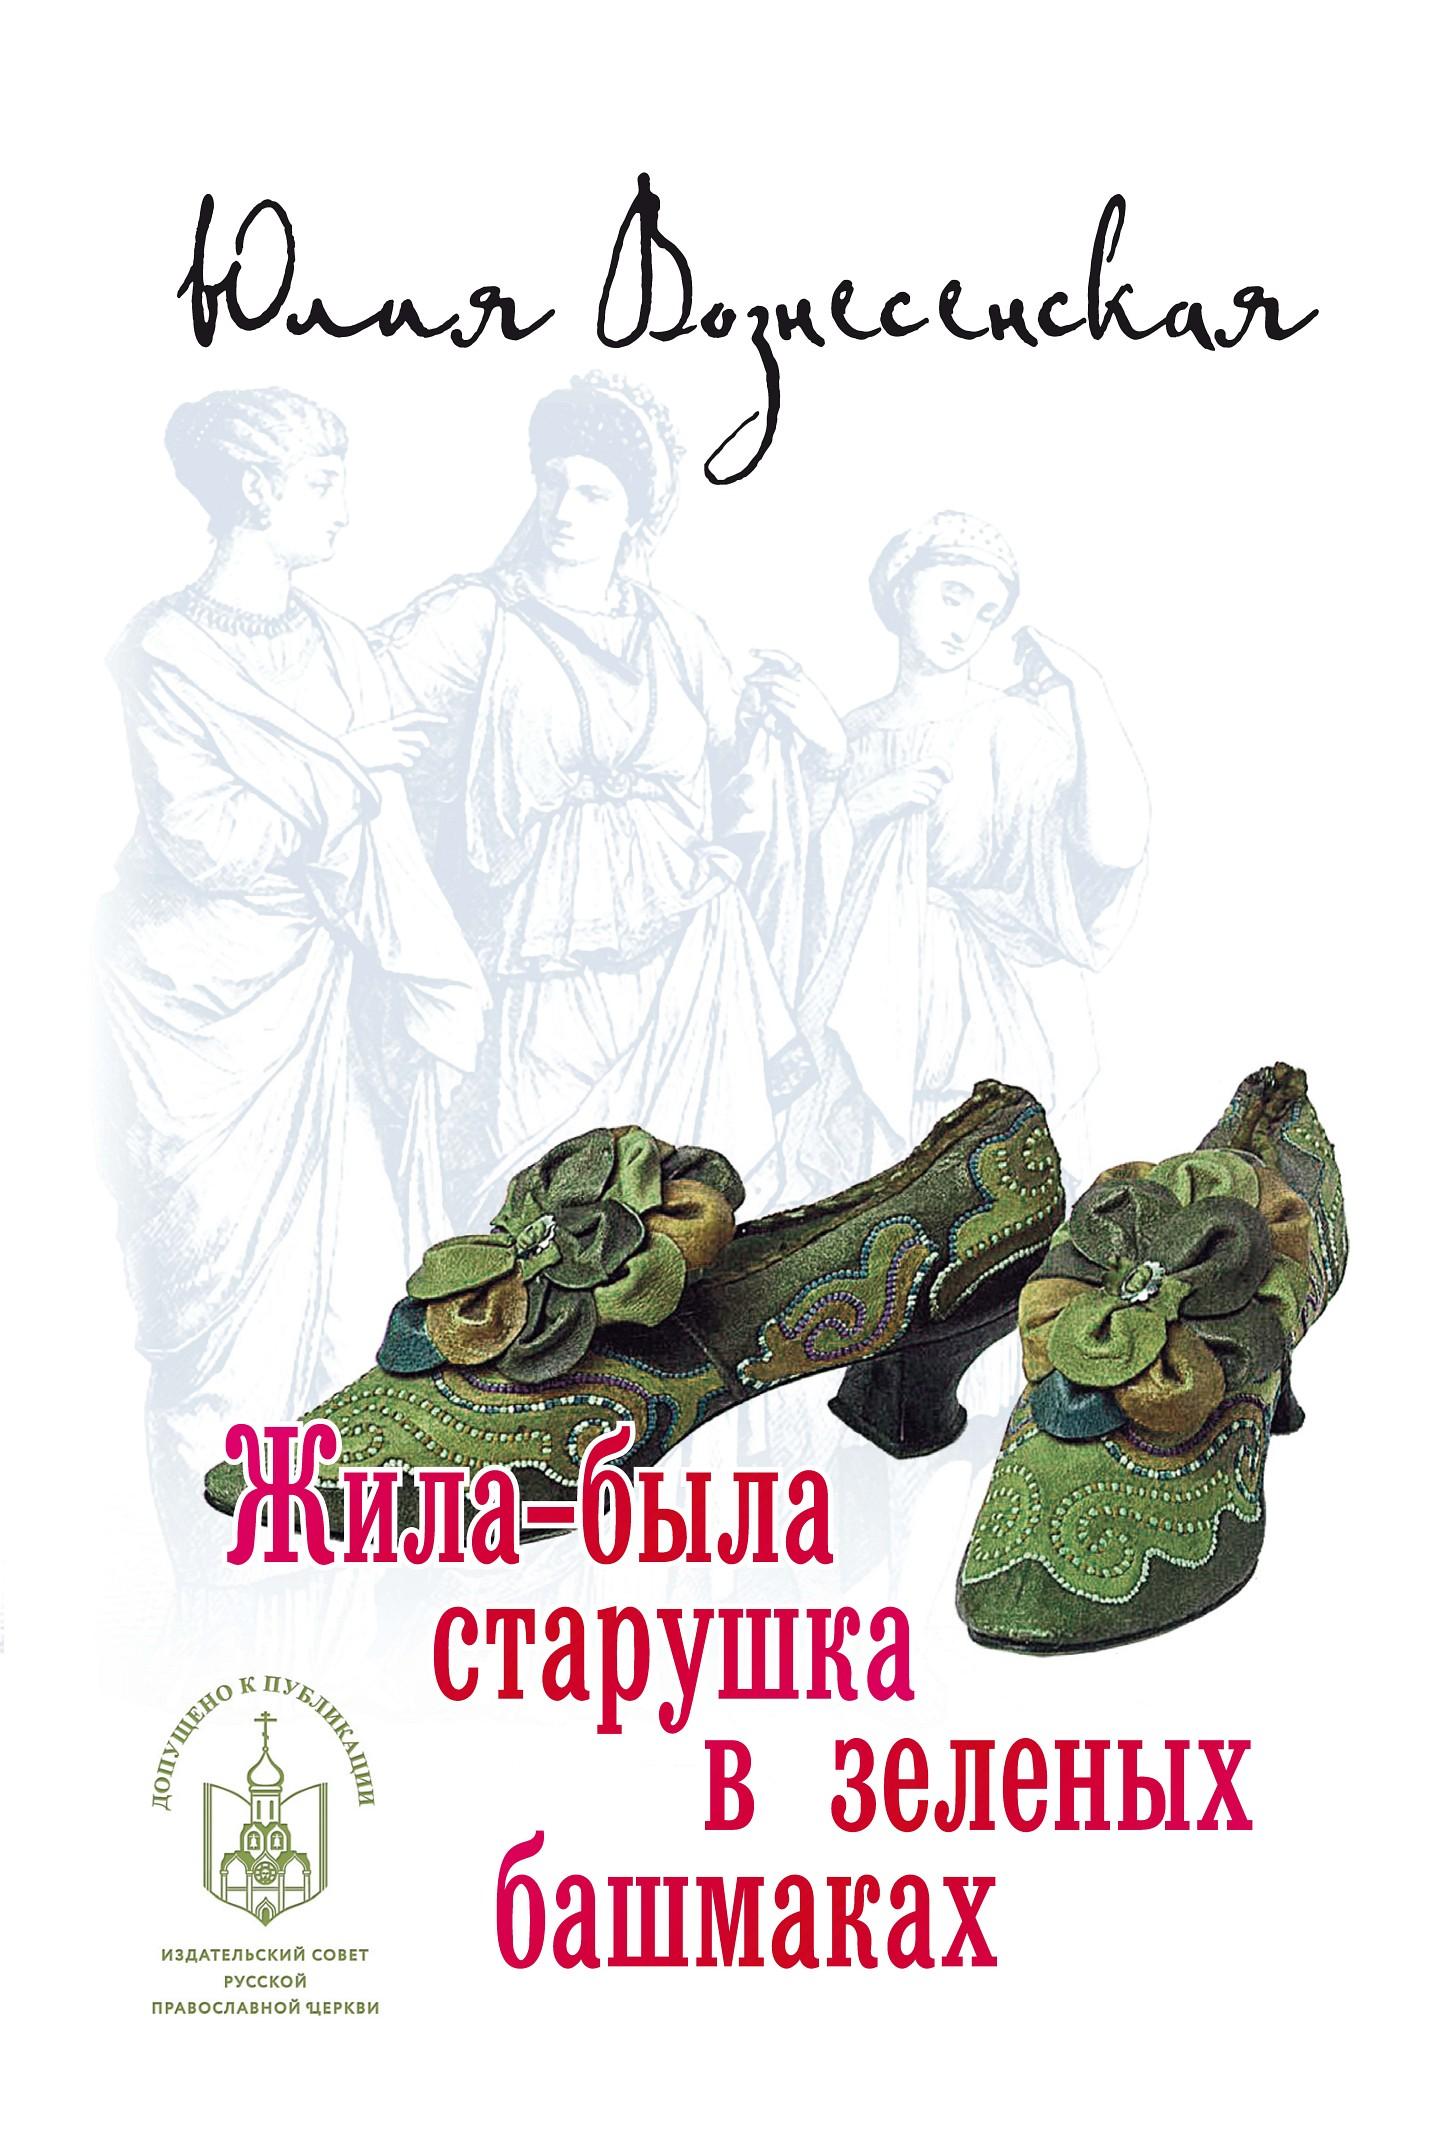 zhila byla starushka v zelenykh bashmakakh